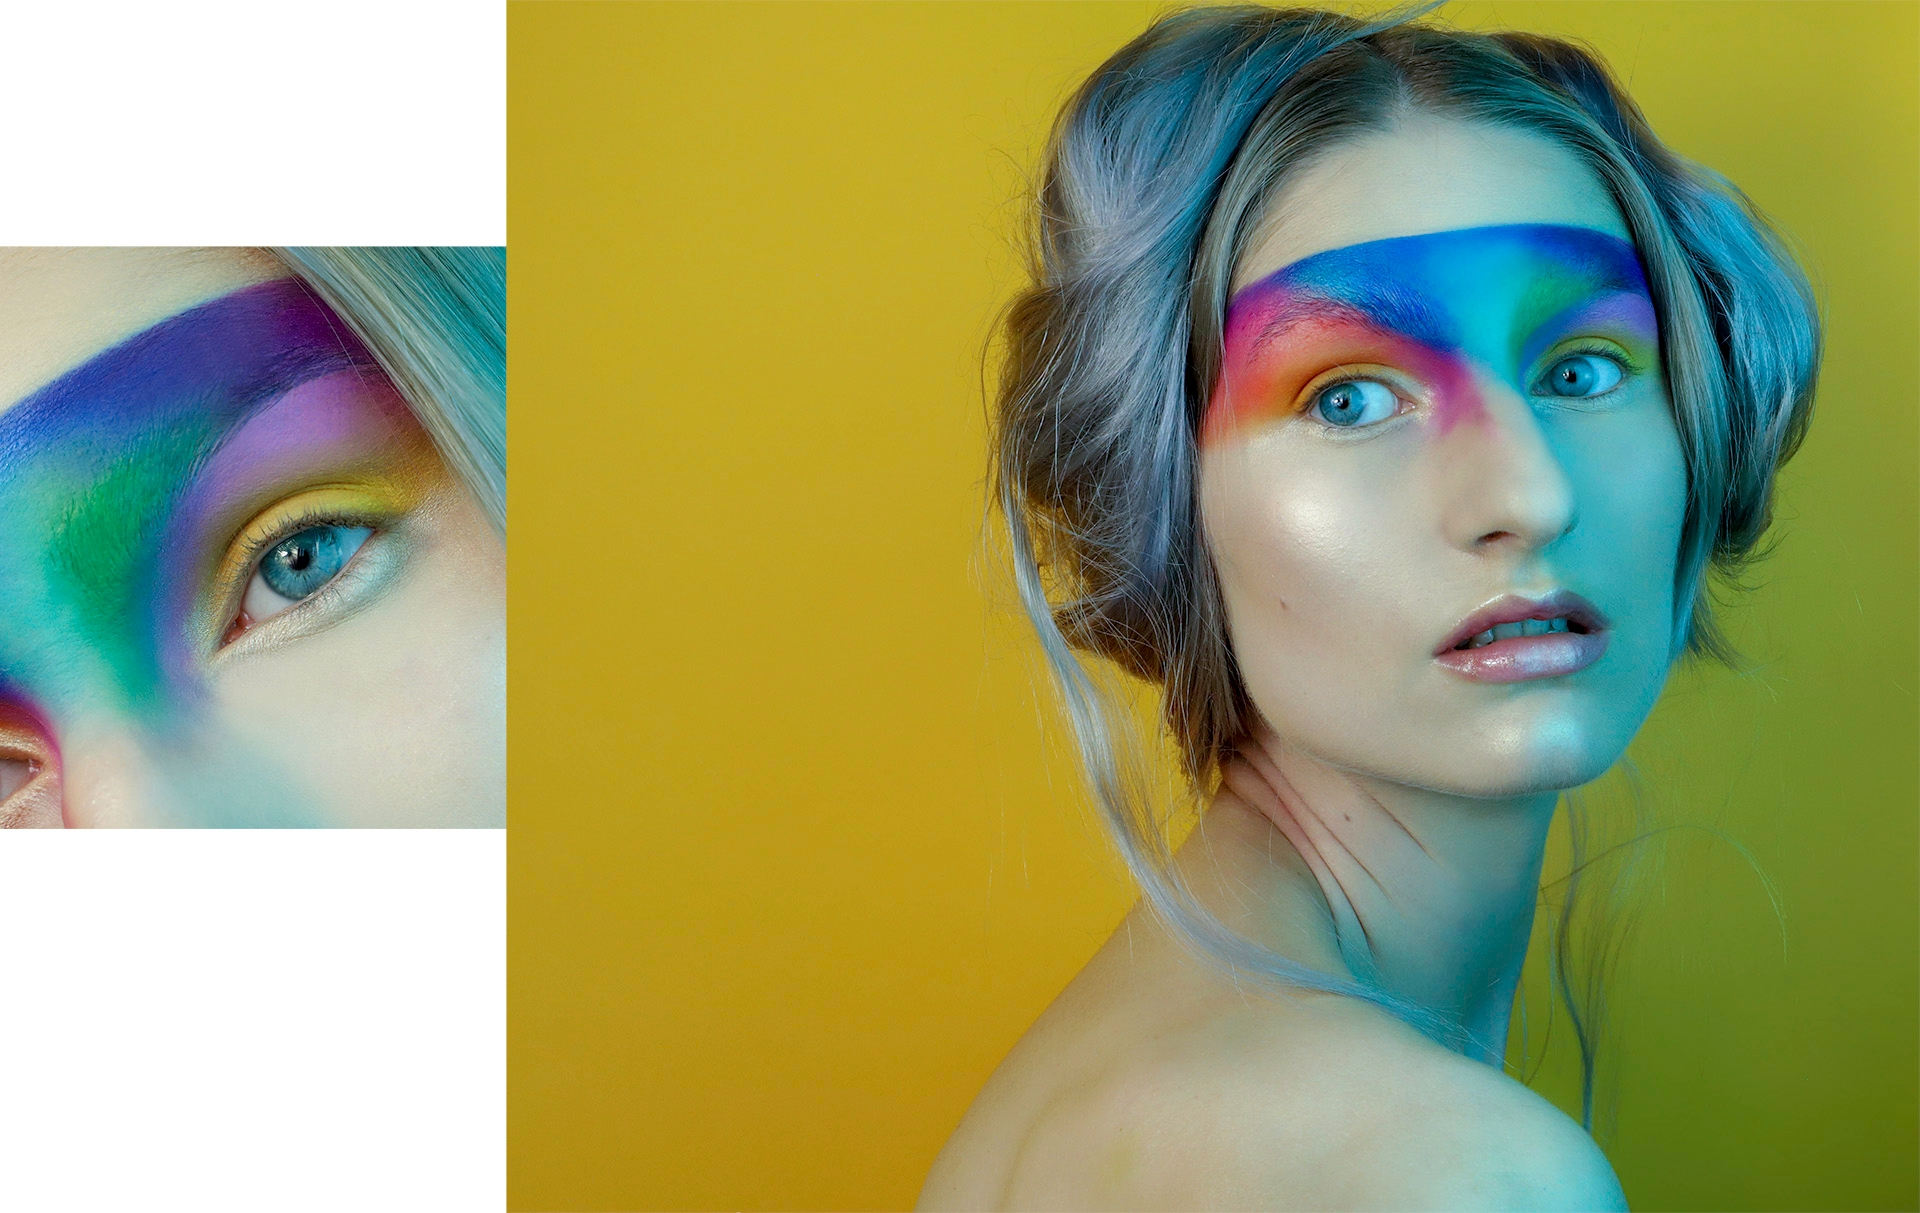 Obraz przedstawia kobietę w kolorowym makijażu, kobieta ma rozchylone usta i siwe włosy. Po lewej stronie widzimy zbliżenie na oko kobiety.